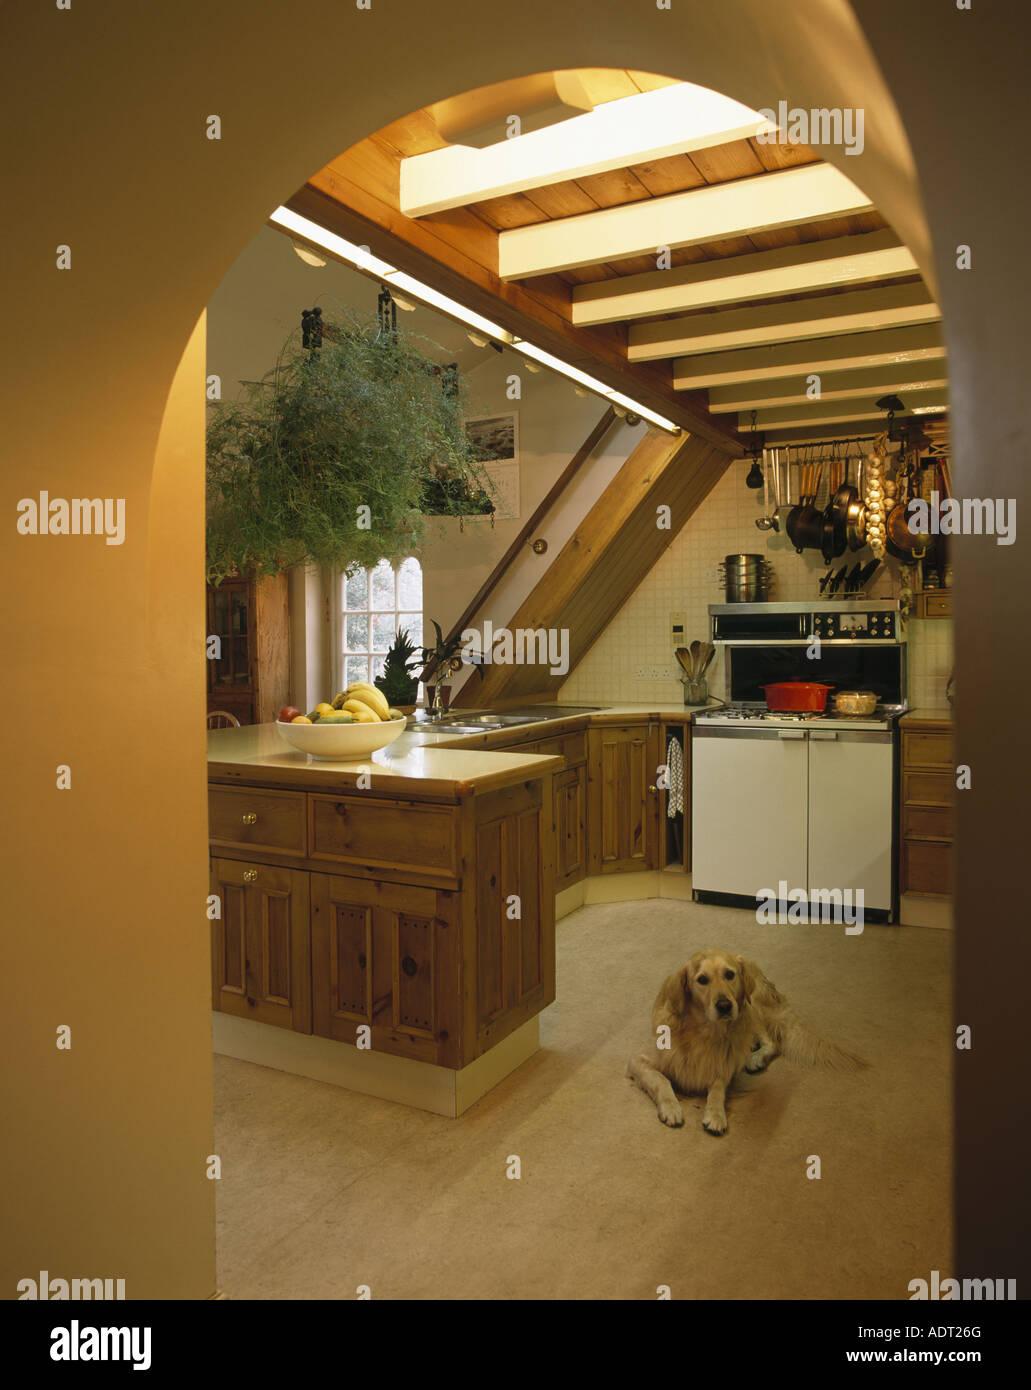 Tolle Kleine Kellerküche Fotos - Küche Set Ideen - deriherusweets.info